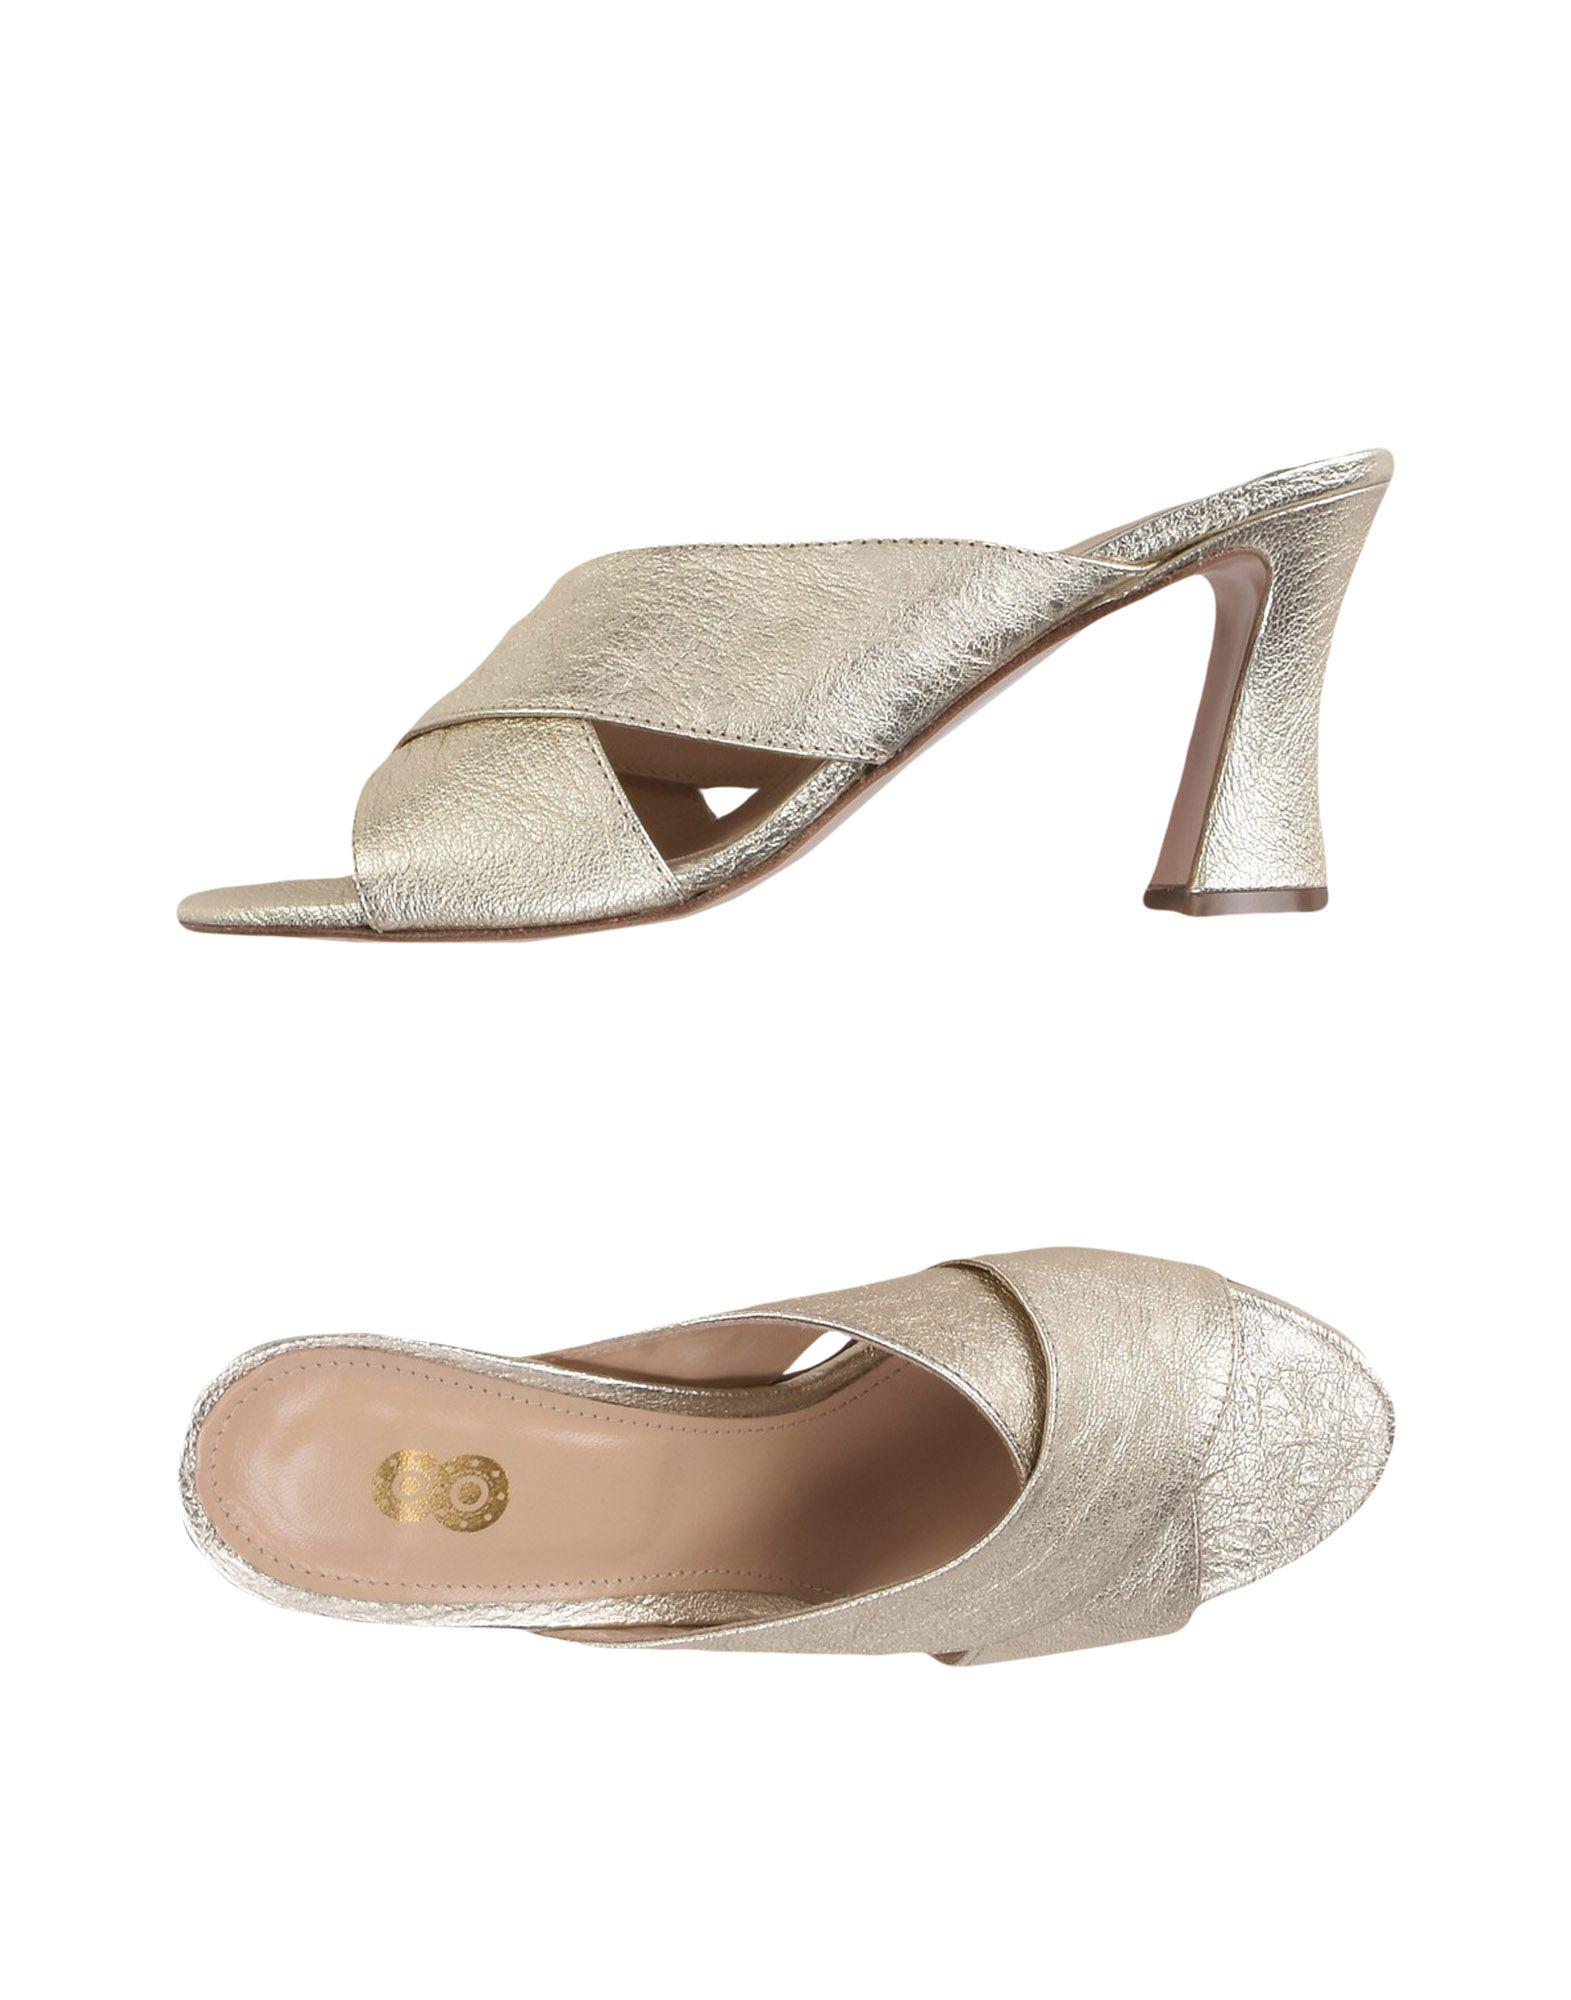 8 Sandalen Damen  11430056LJ Gute Qualität beliebte Schuhe